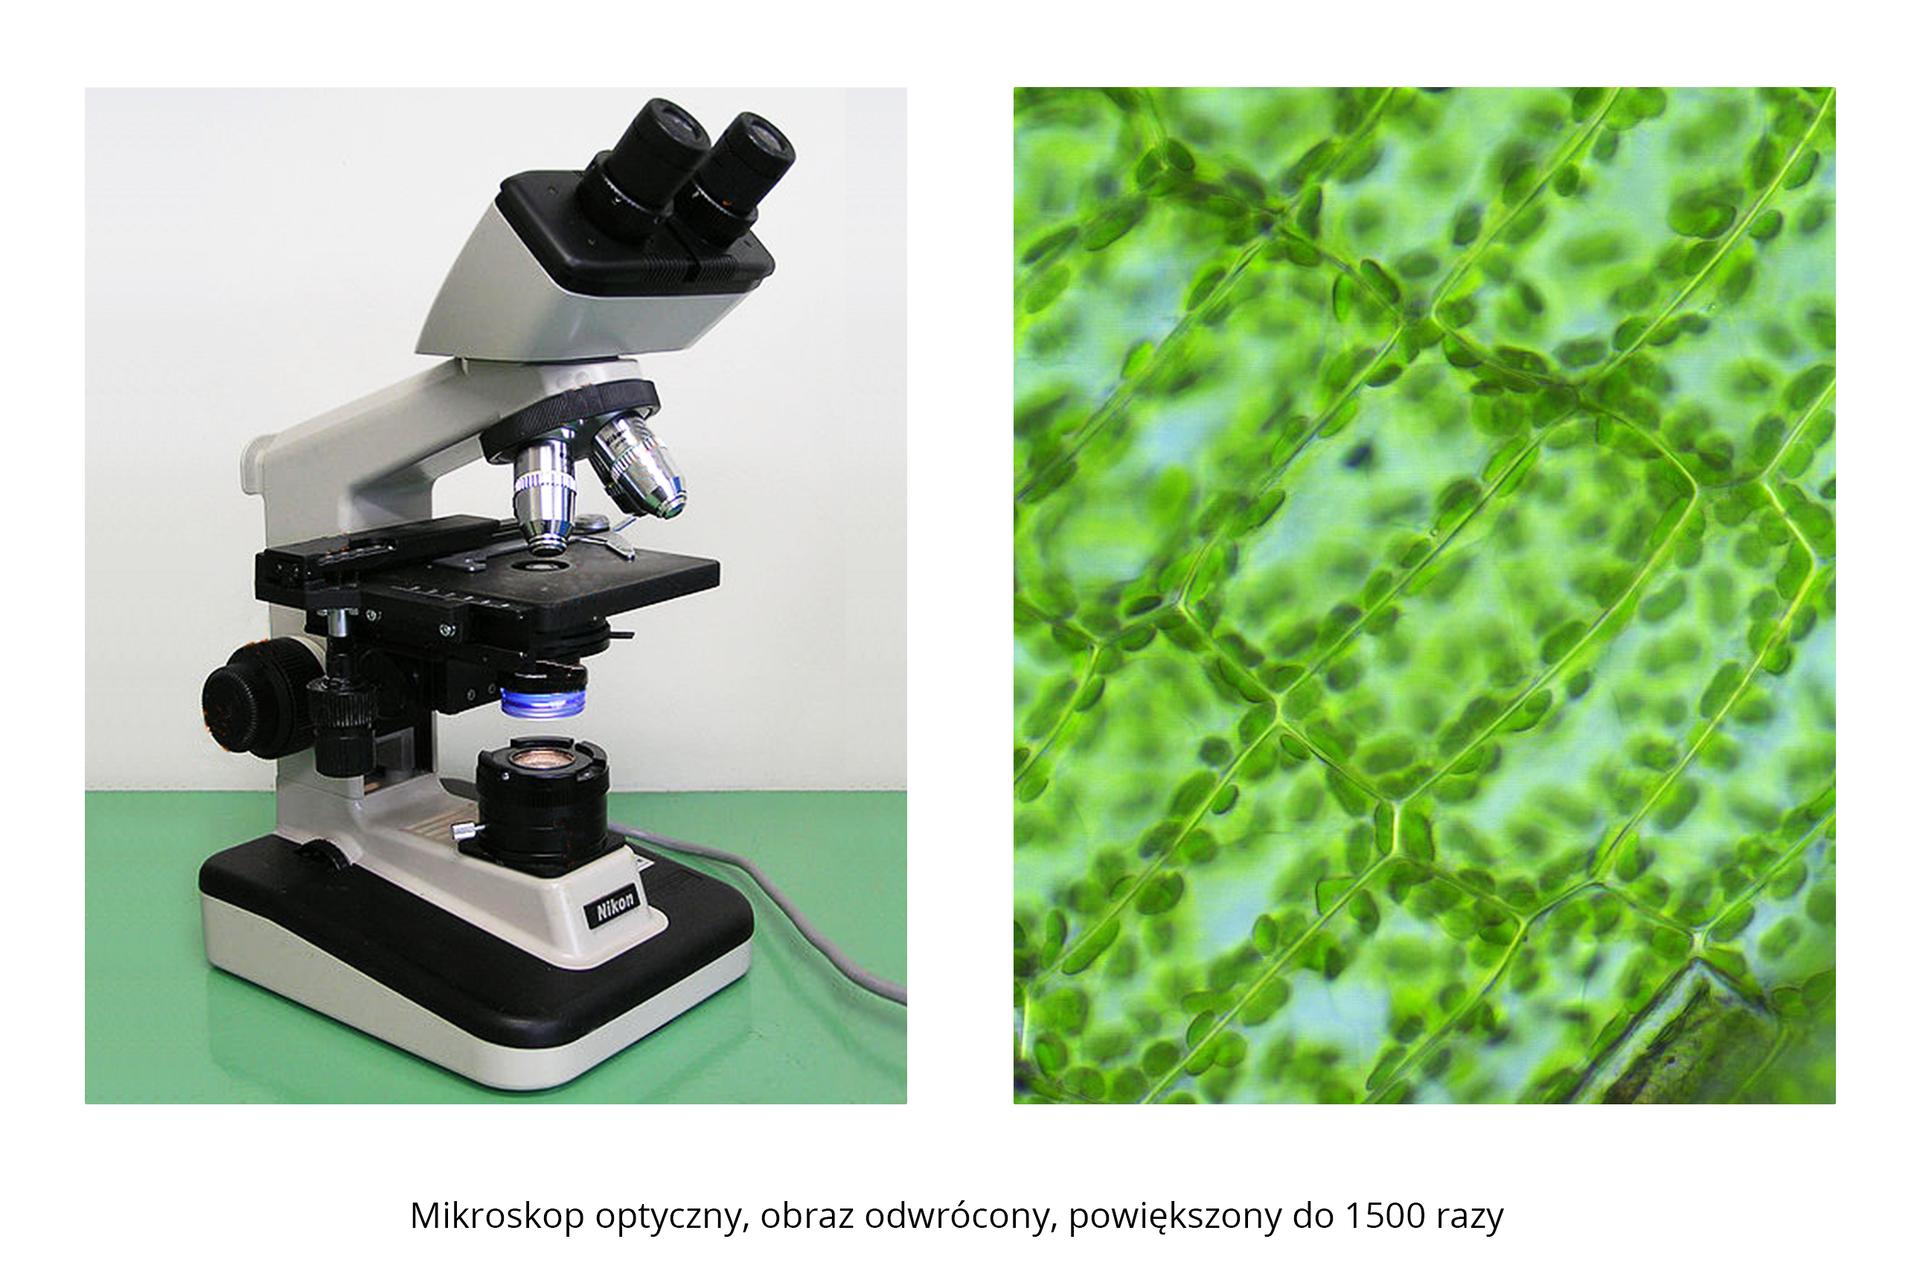 Galeria składa się ztrzech fotografii. Trzecia fotografia składa się zdwóch części. Lewa przedstawia mikroskop optyczny. Prawa przedstawia zielone komórki roślinne, powiększone 1500 razy. Możemy obserwować części składowe komórki.